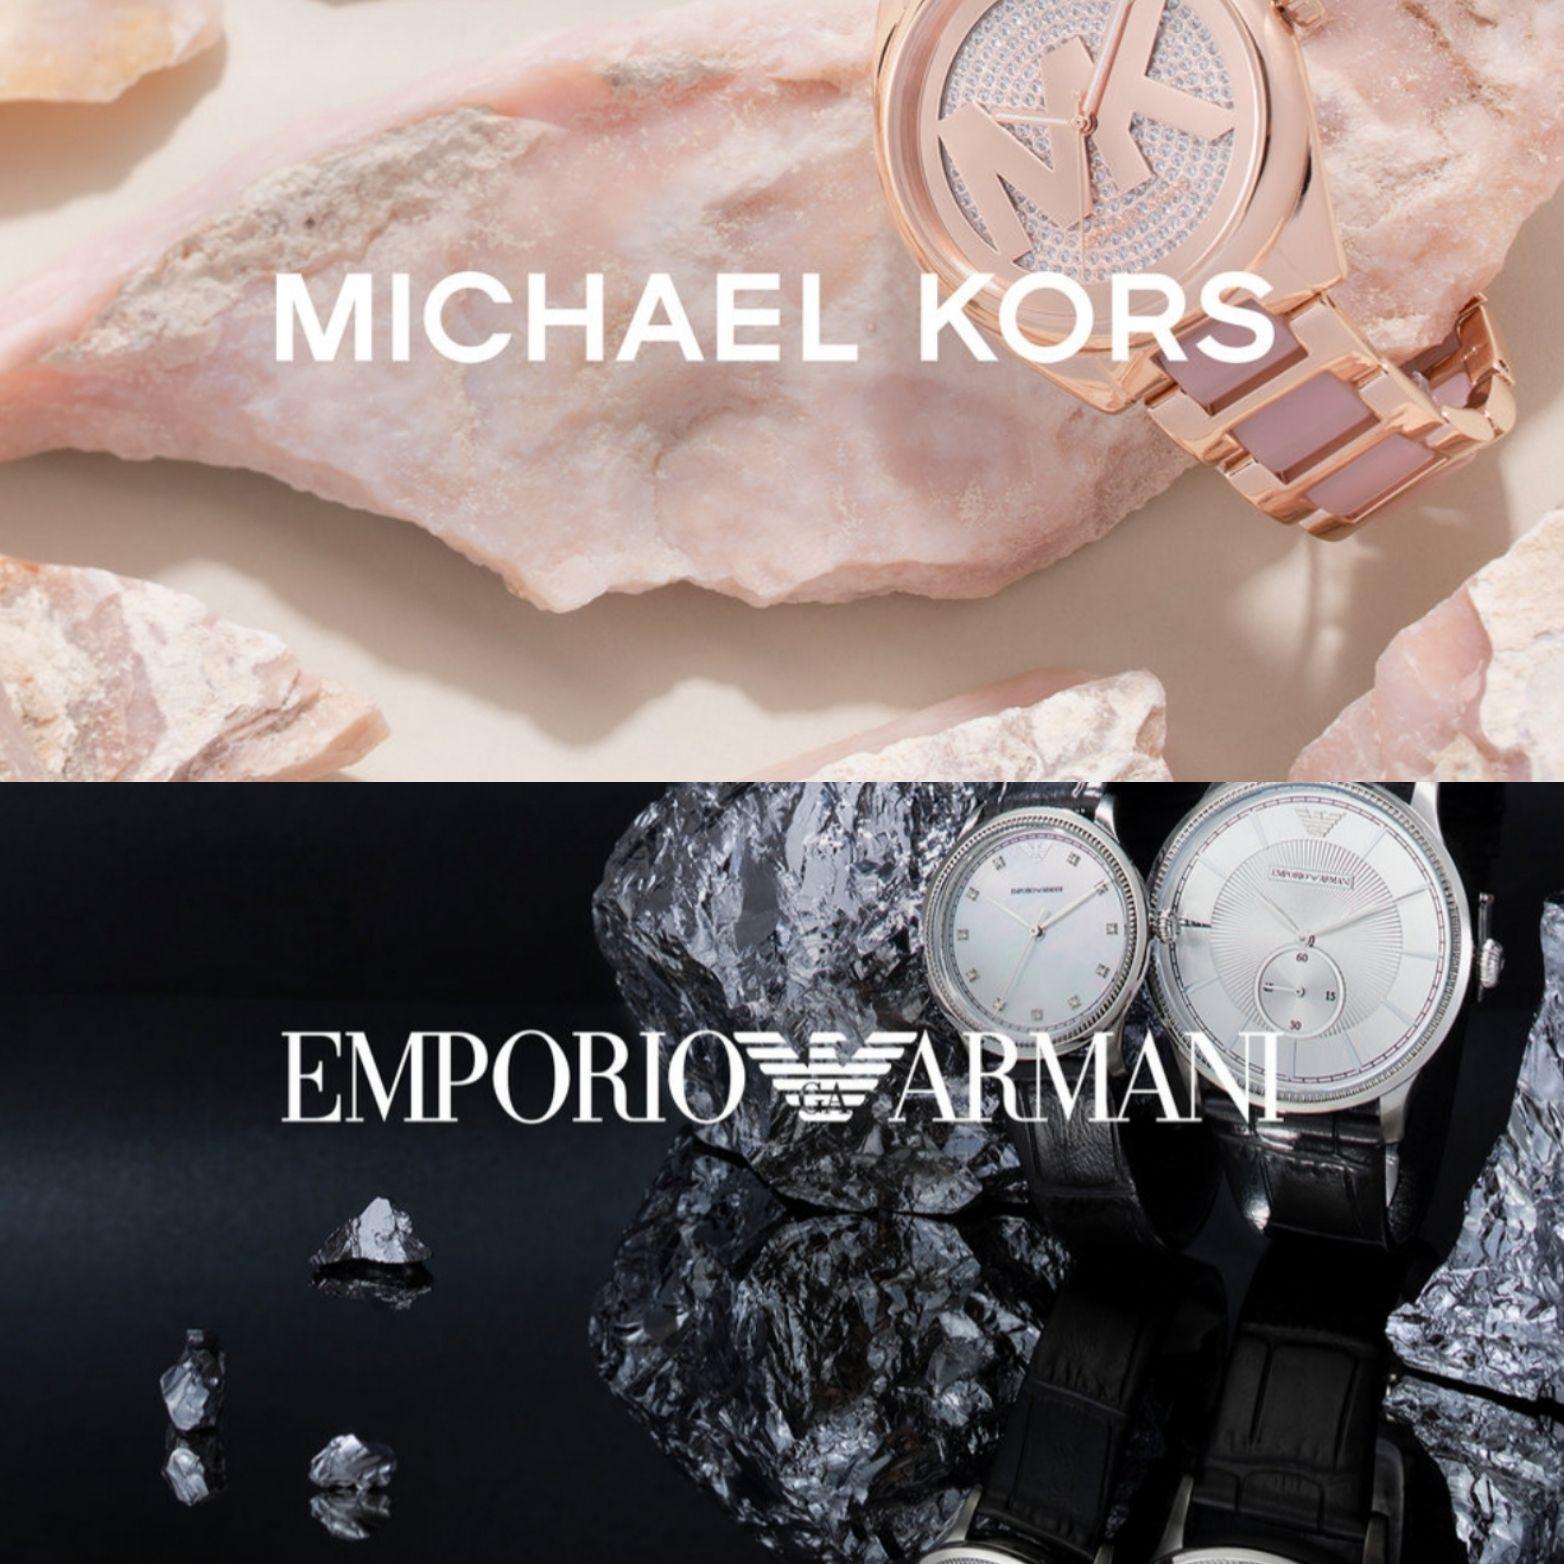 Sélection de Montres Emporio Armani et Michael Kors en promotion